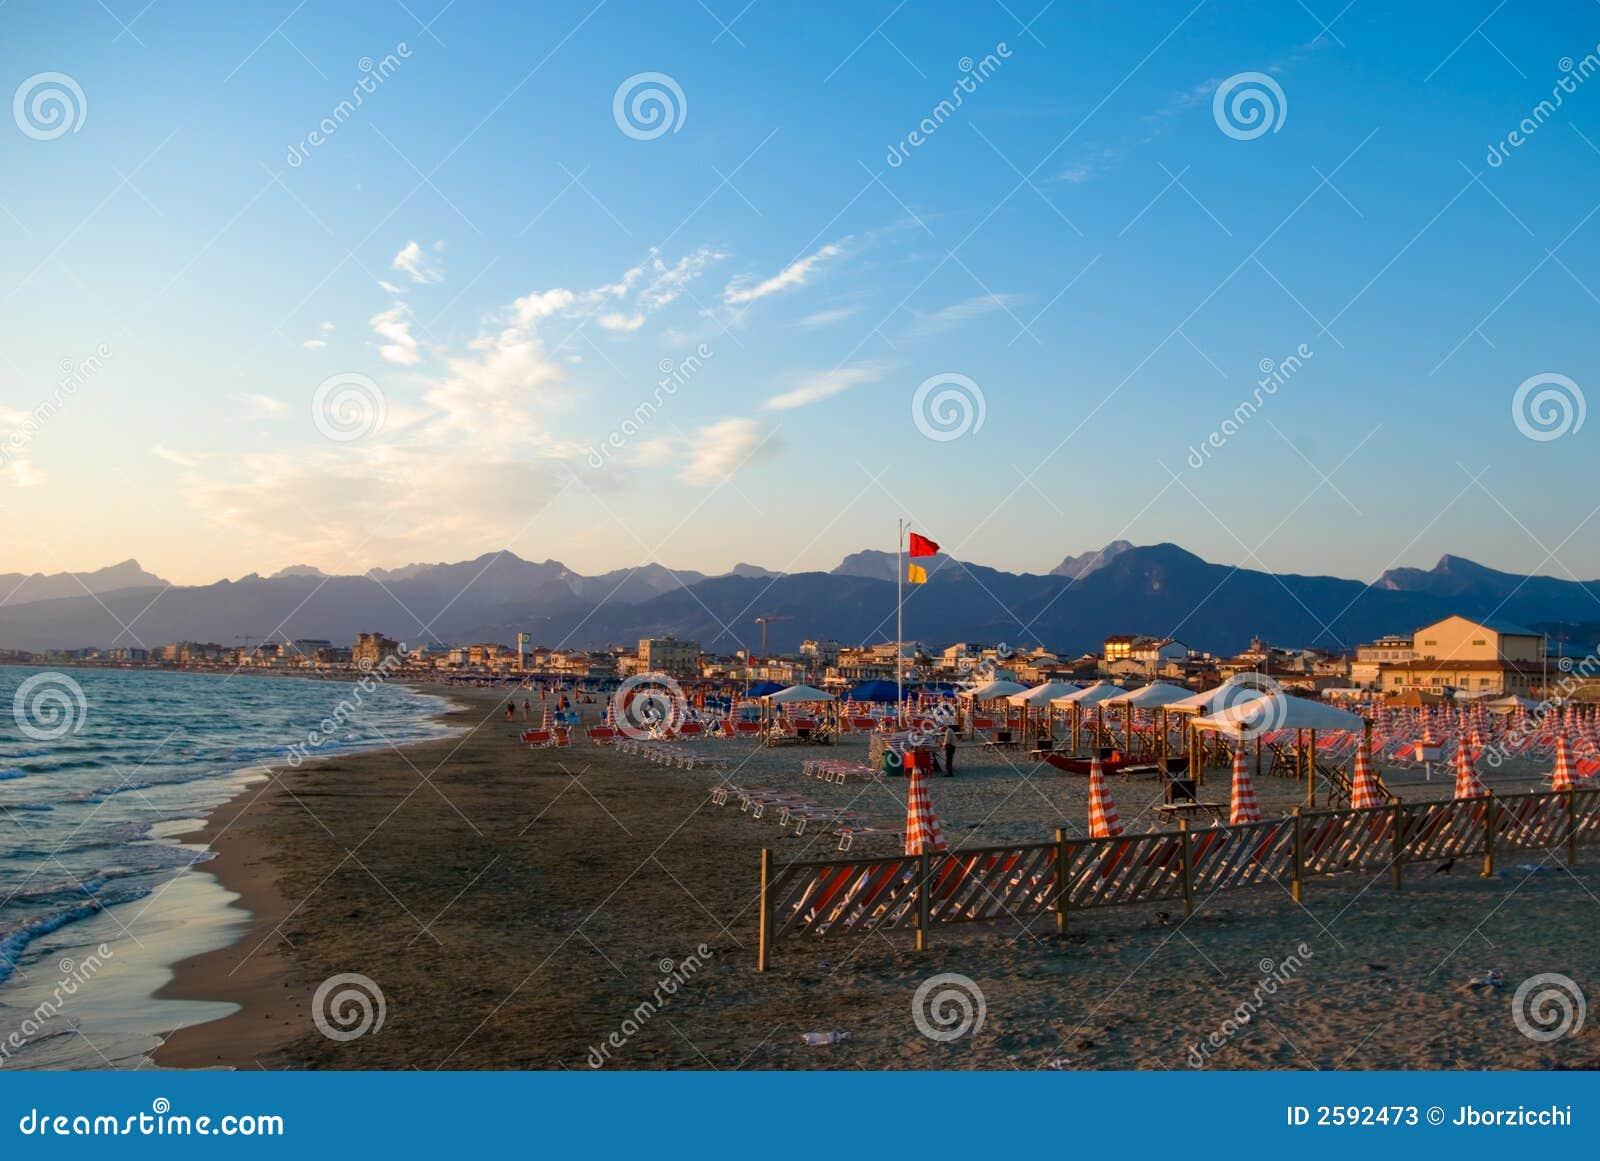 La plage sablonneuse de Viareggio,